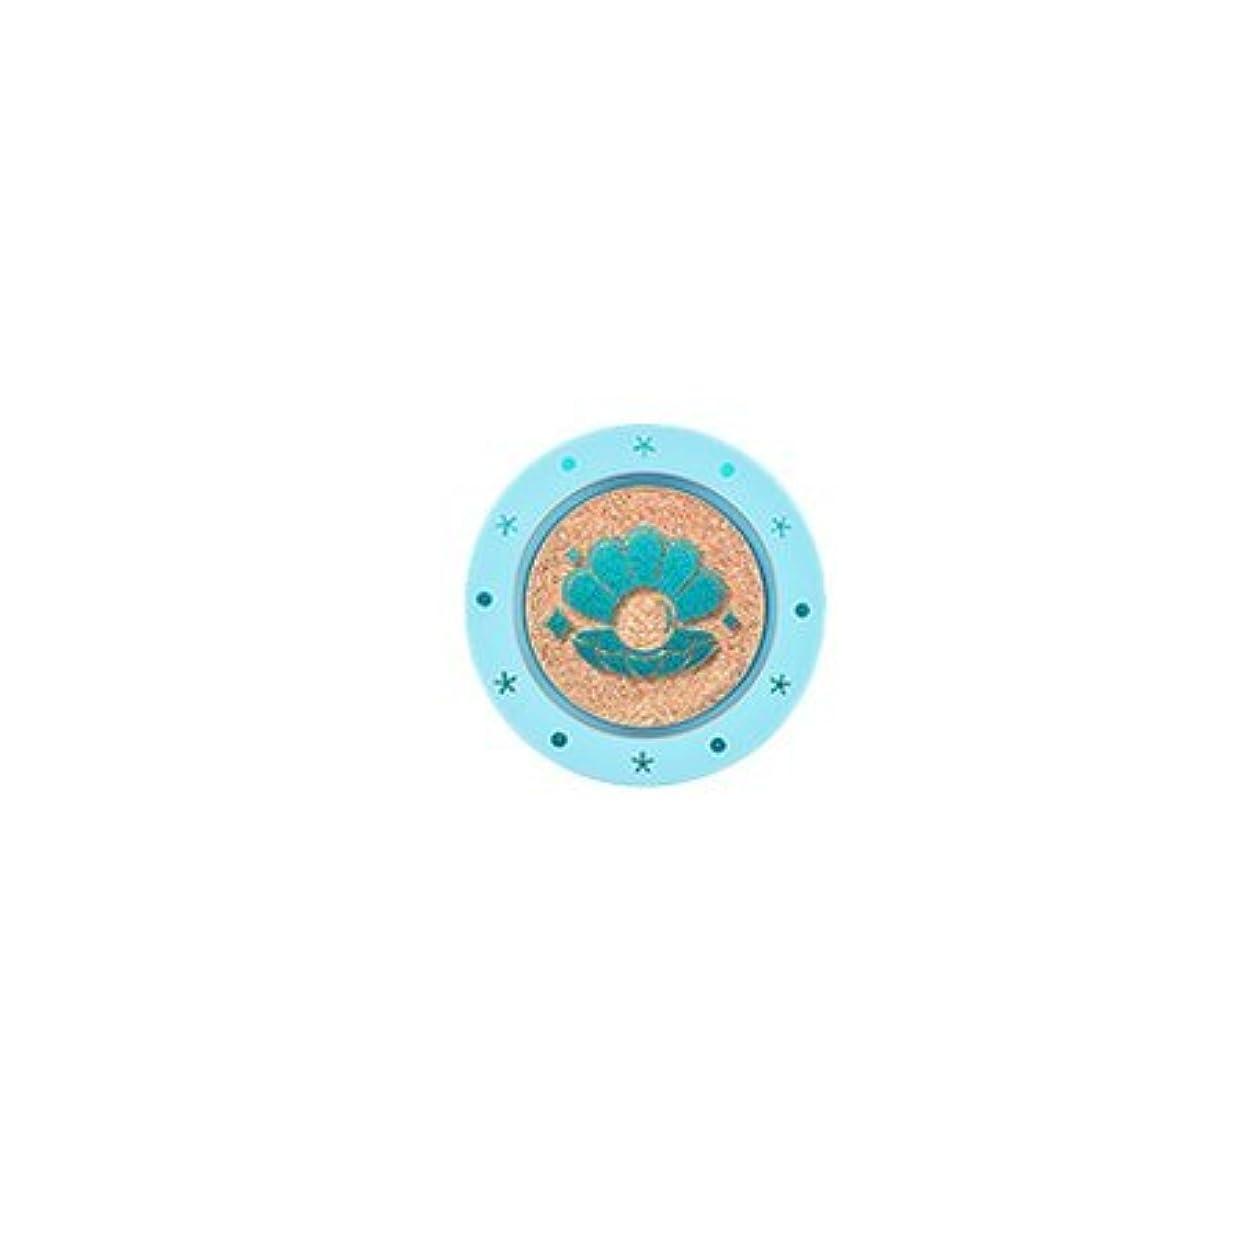 最も遠い打たれたトラックスパイアリタウム マーメイド コレクション モノ アイズ 1.4g / ARITAUM Mono Eyes Mermaid Collection (# S25 Gold Glow) [並行輸入品]